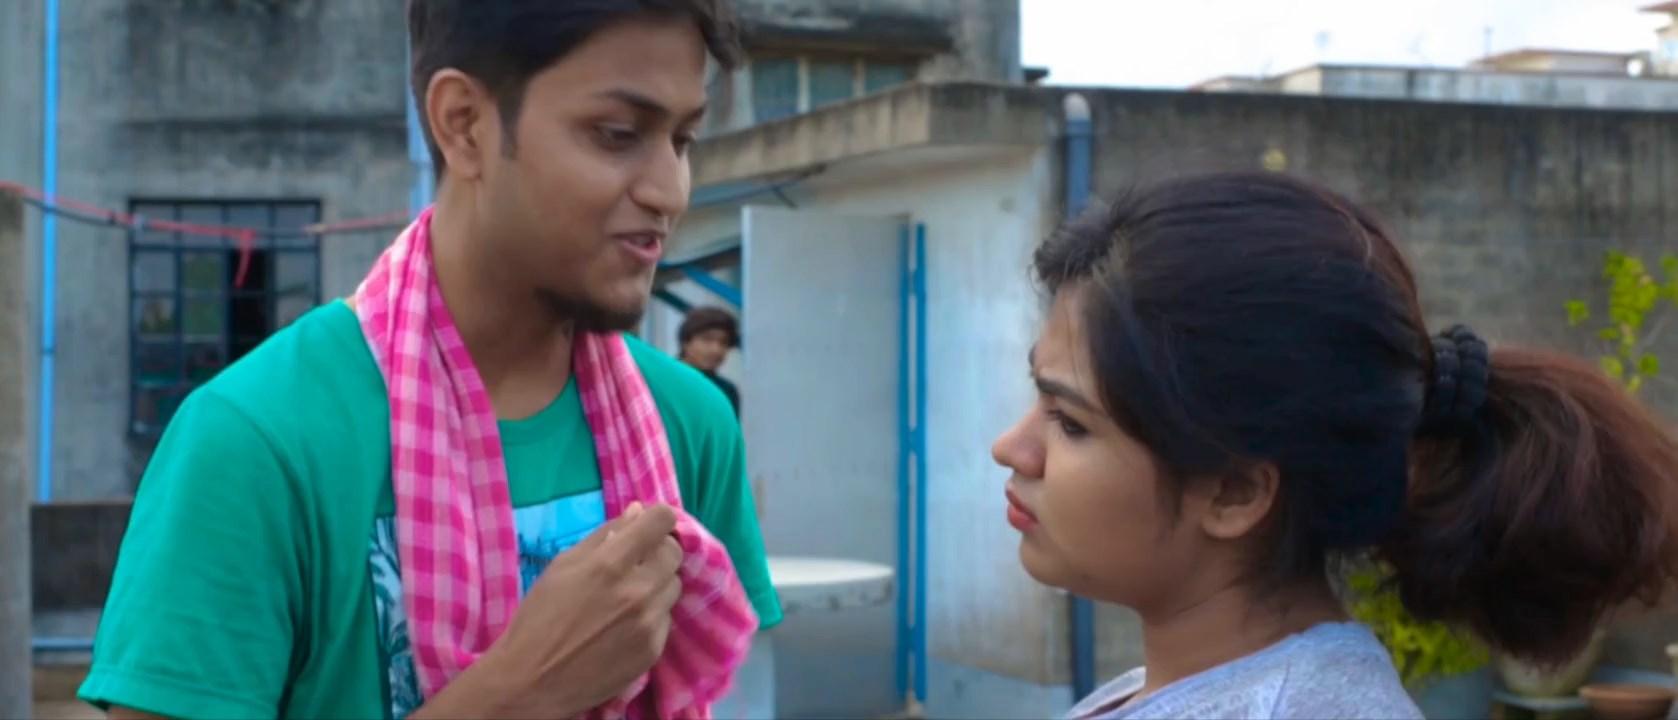 Jogakhichuri (2021) Bengali 720p HDRip.mkv snapshot 00.47.30.000